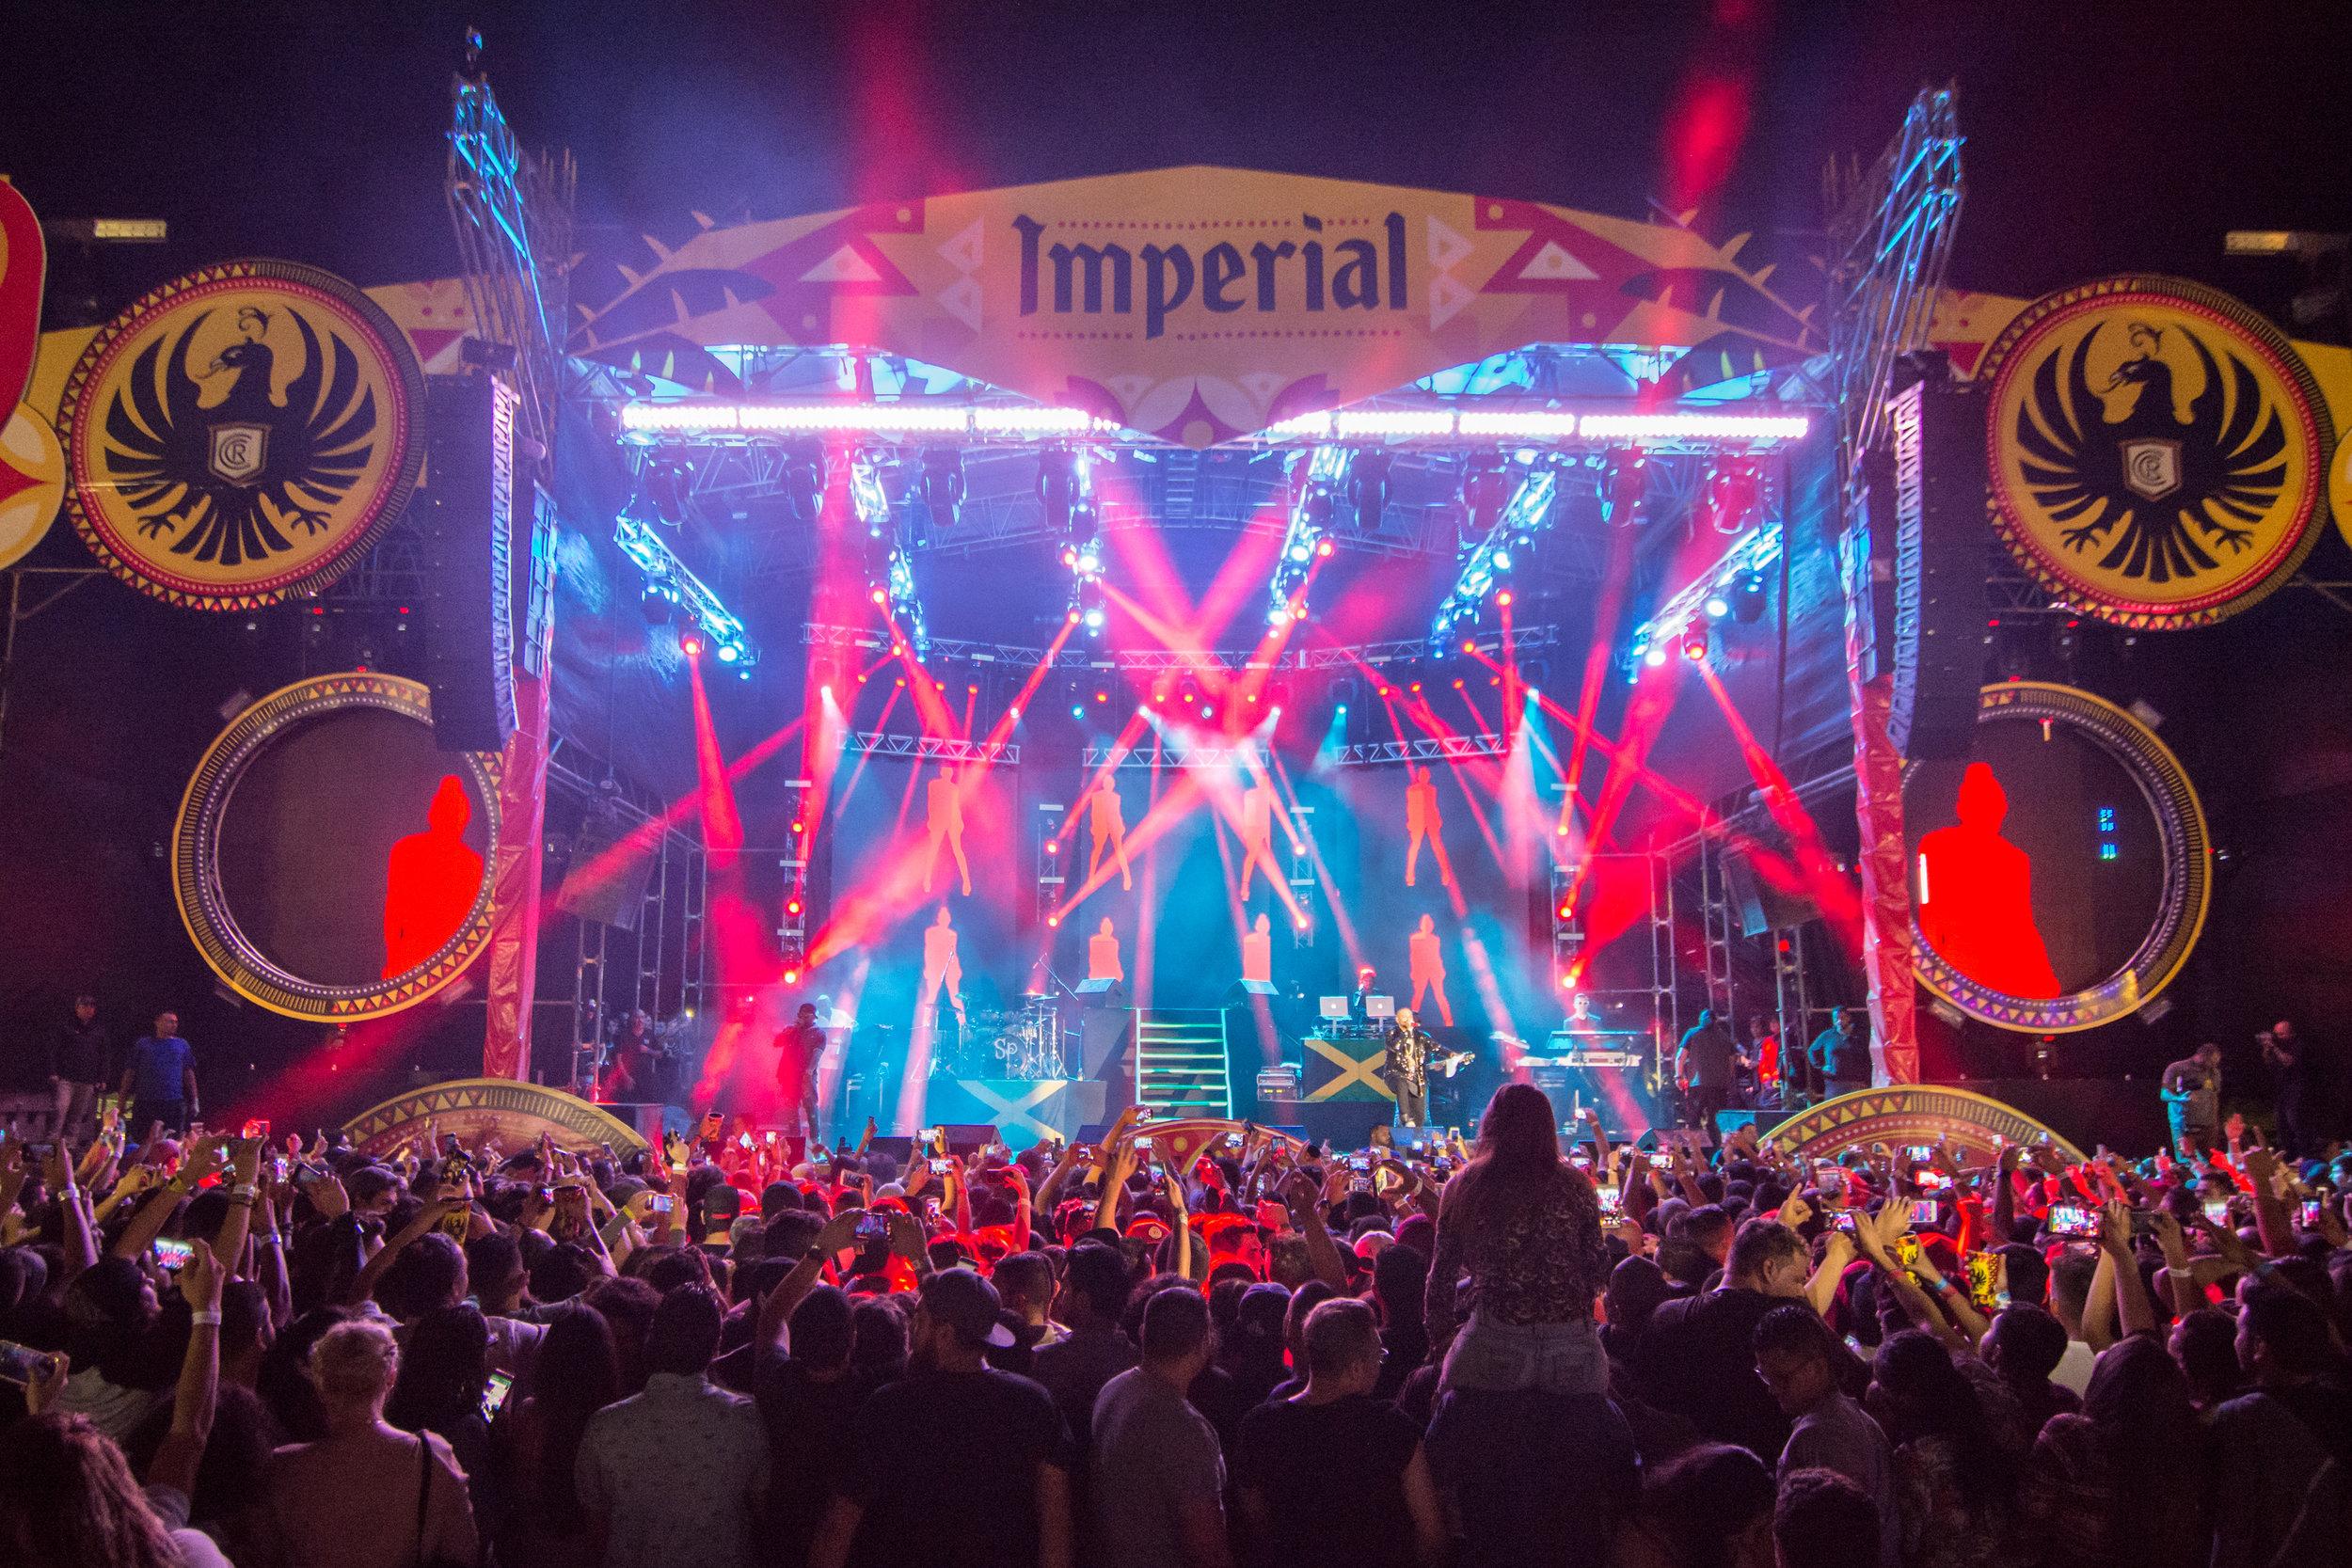 Concierto Sean Paul Barra Imperial Costa Rica 2017